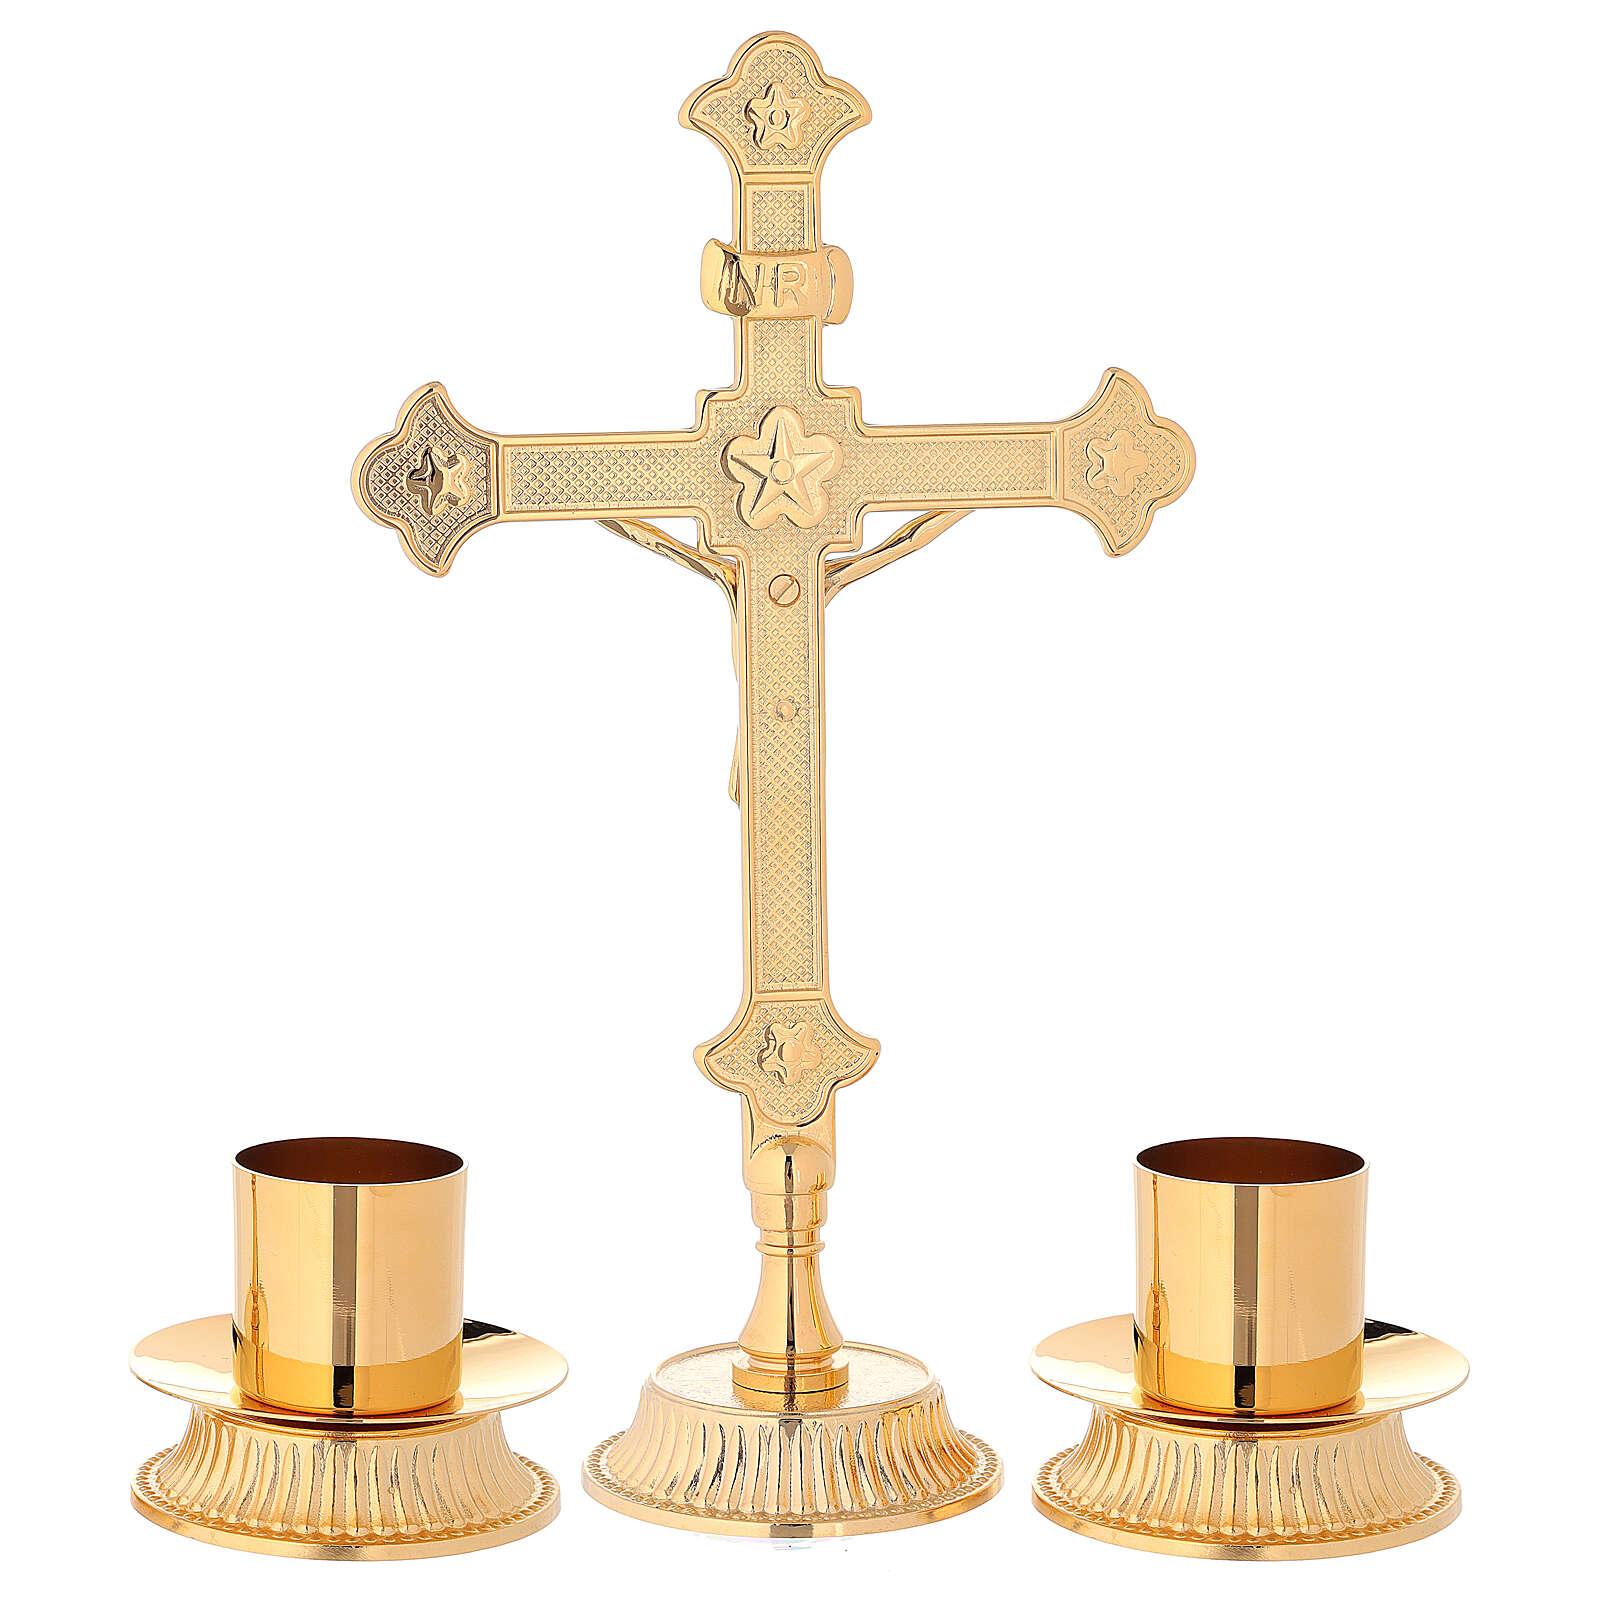 Completo d'altare croce candelieri ottone dorato 4